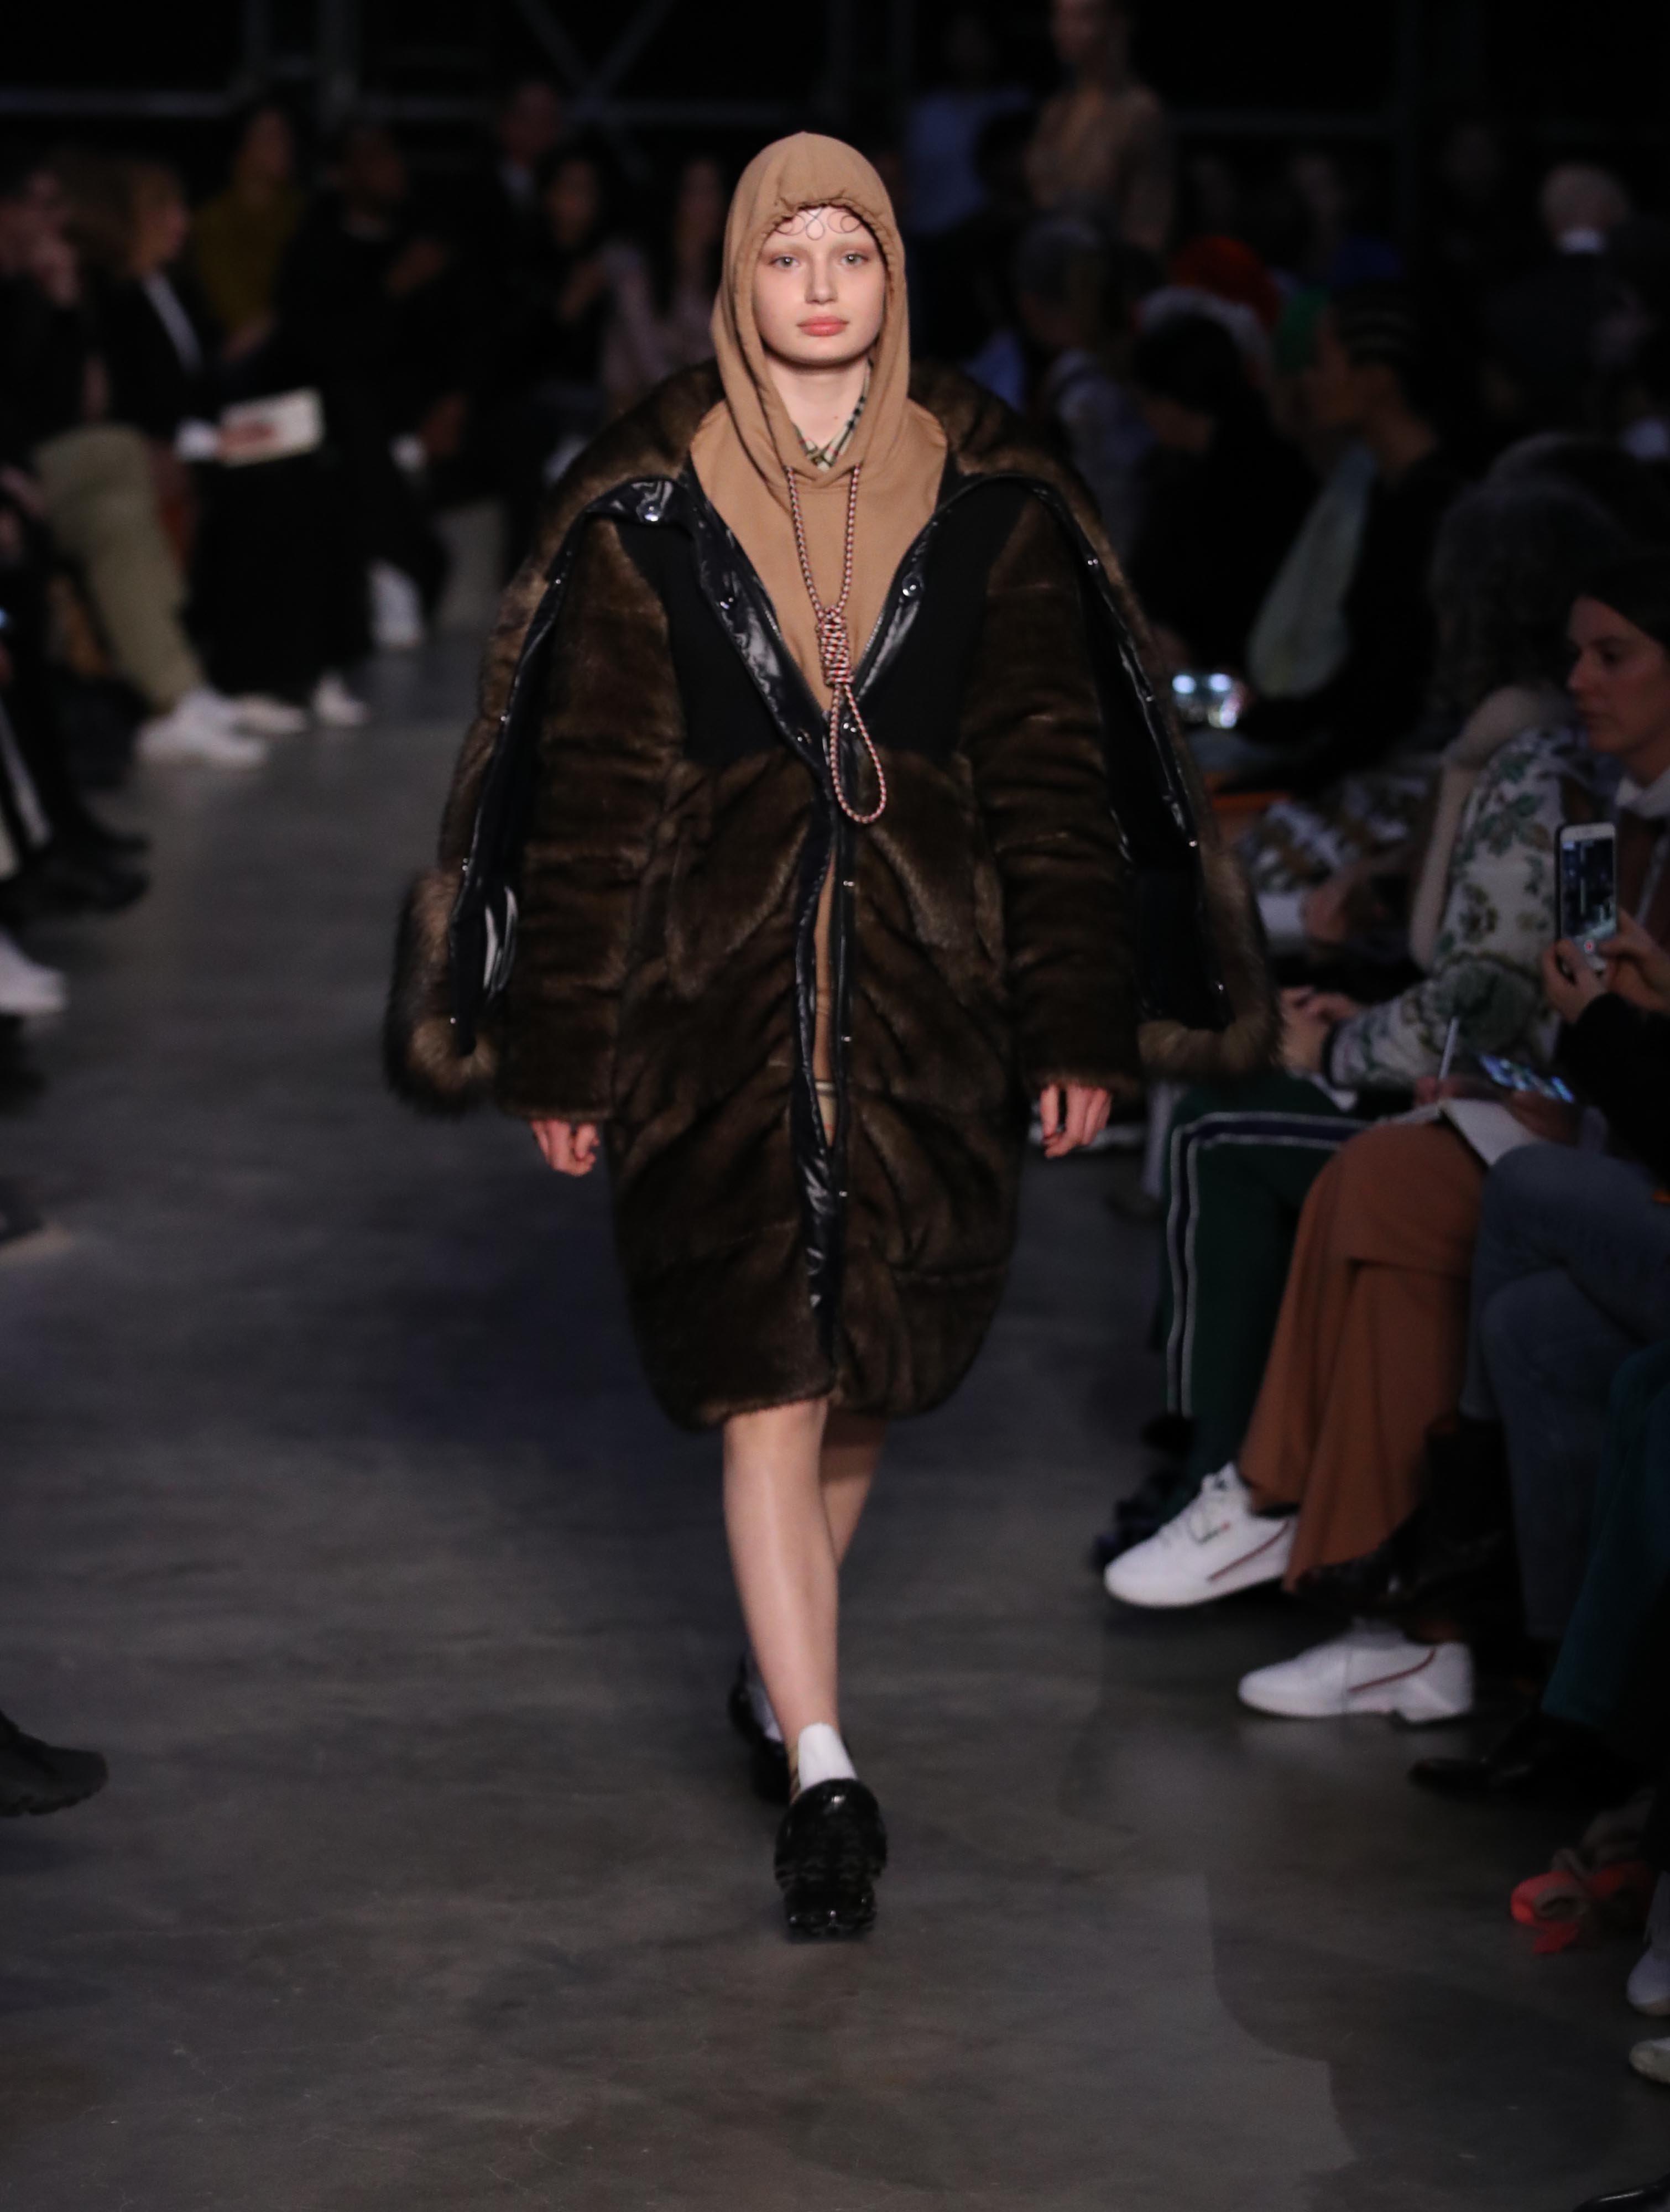 버버리가 패션 쇼에서 선보인 '올가미' 디자인에 대해 사과했다